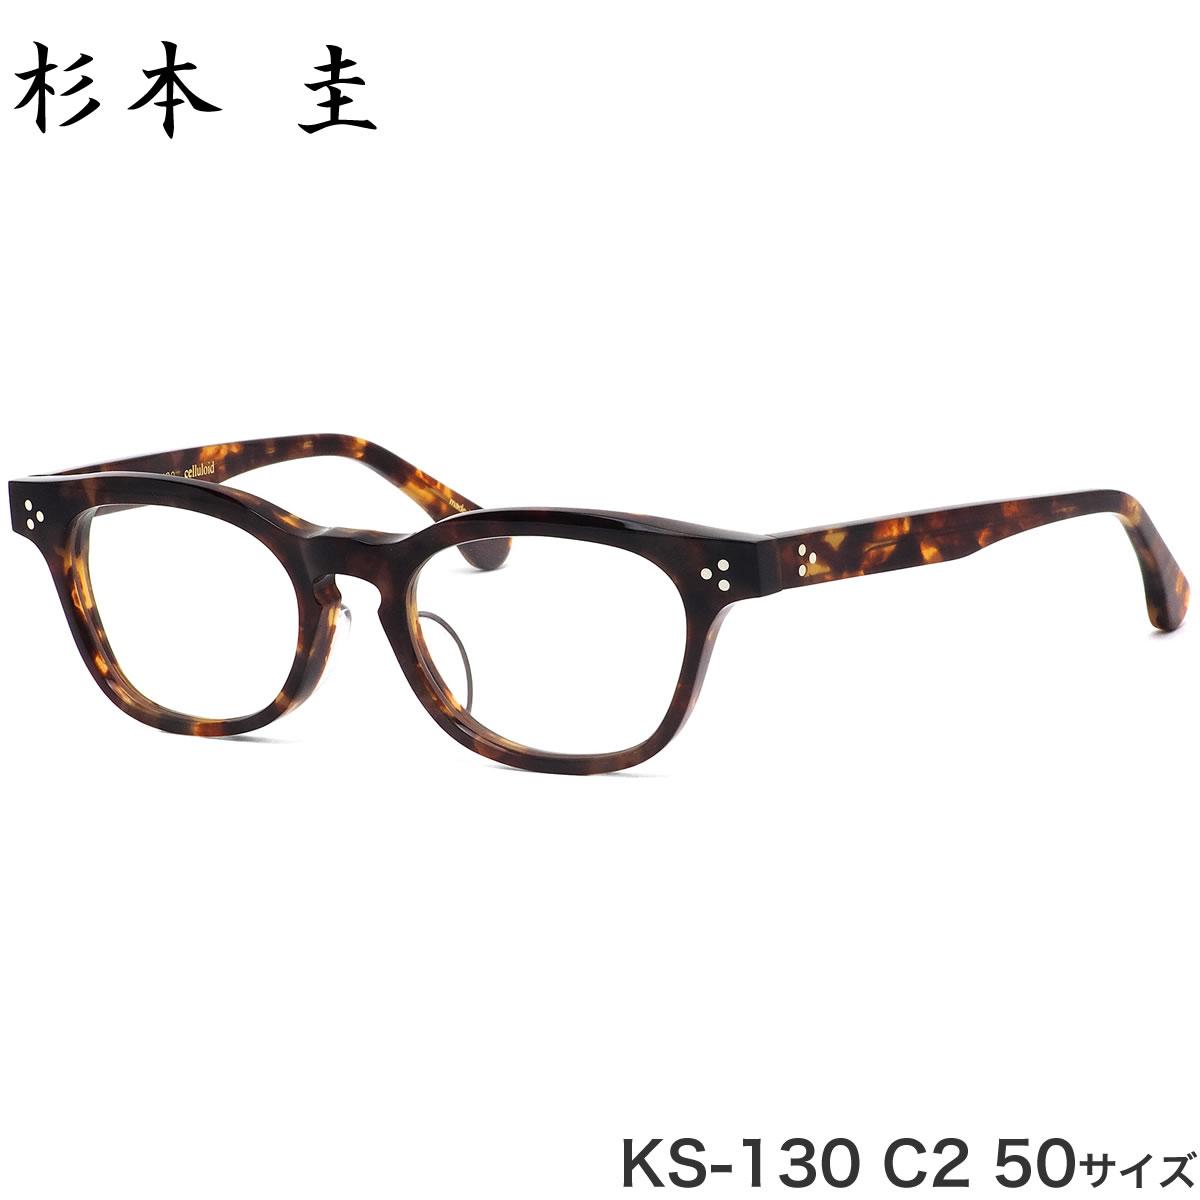 杉本圭 スギモトケイ メガネ KS-130 C2 50サイズ セルフレーム べっ甲 ハバナ トータス レトロ 日本製 MADE IN JAPAN ケイスギモト メンズ レディース